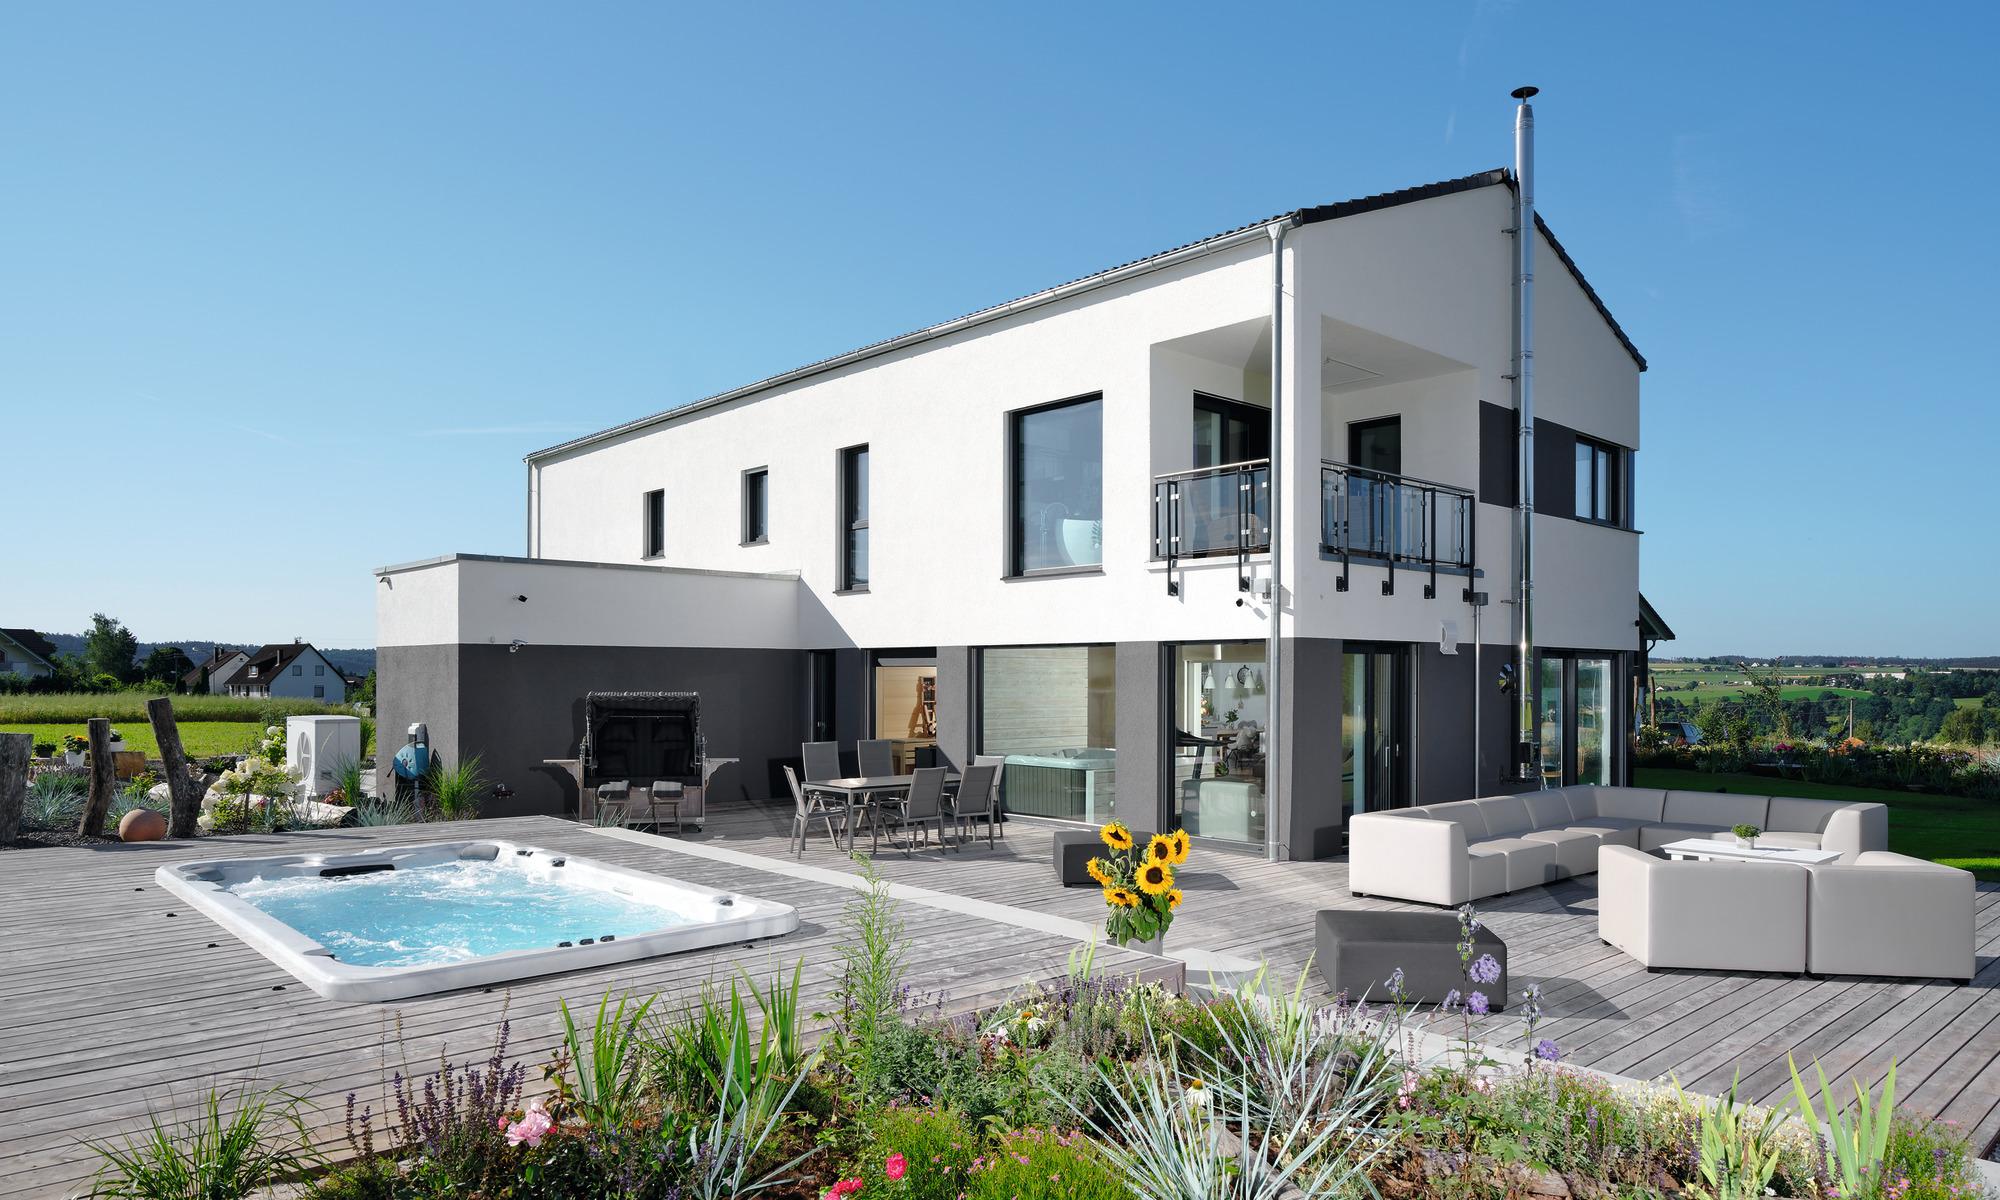 frei geplantes Kundenhaus mit Pool